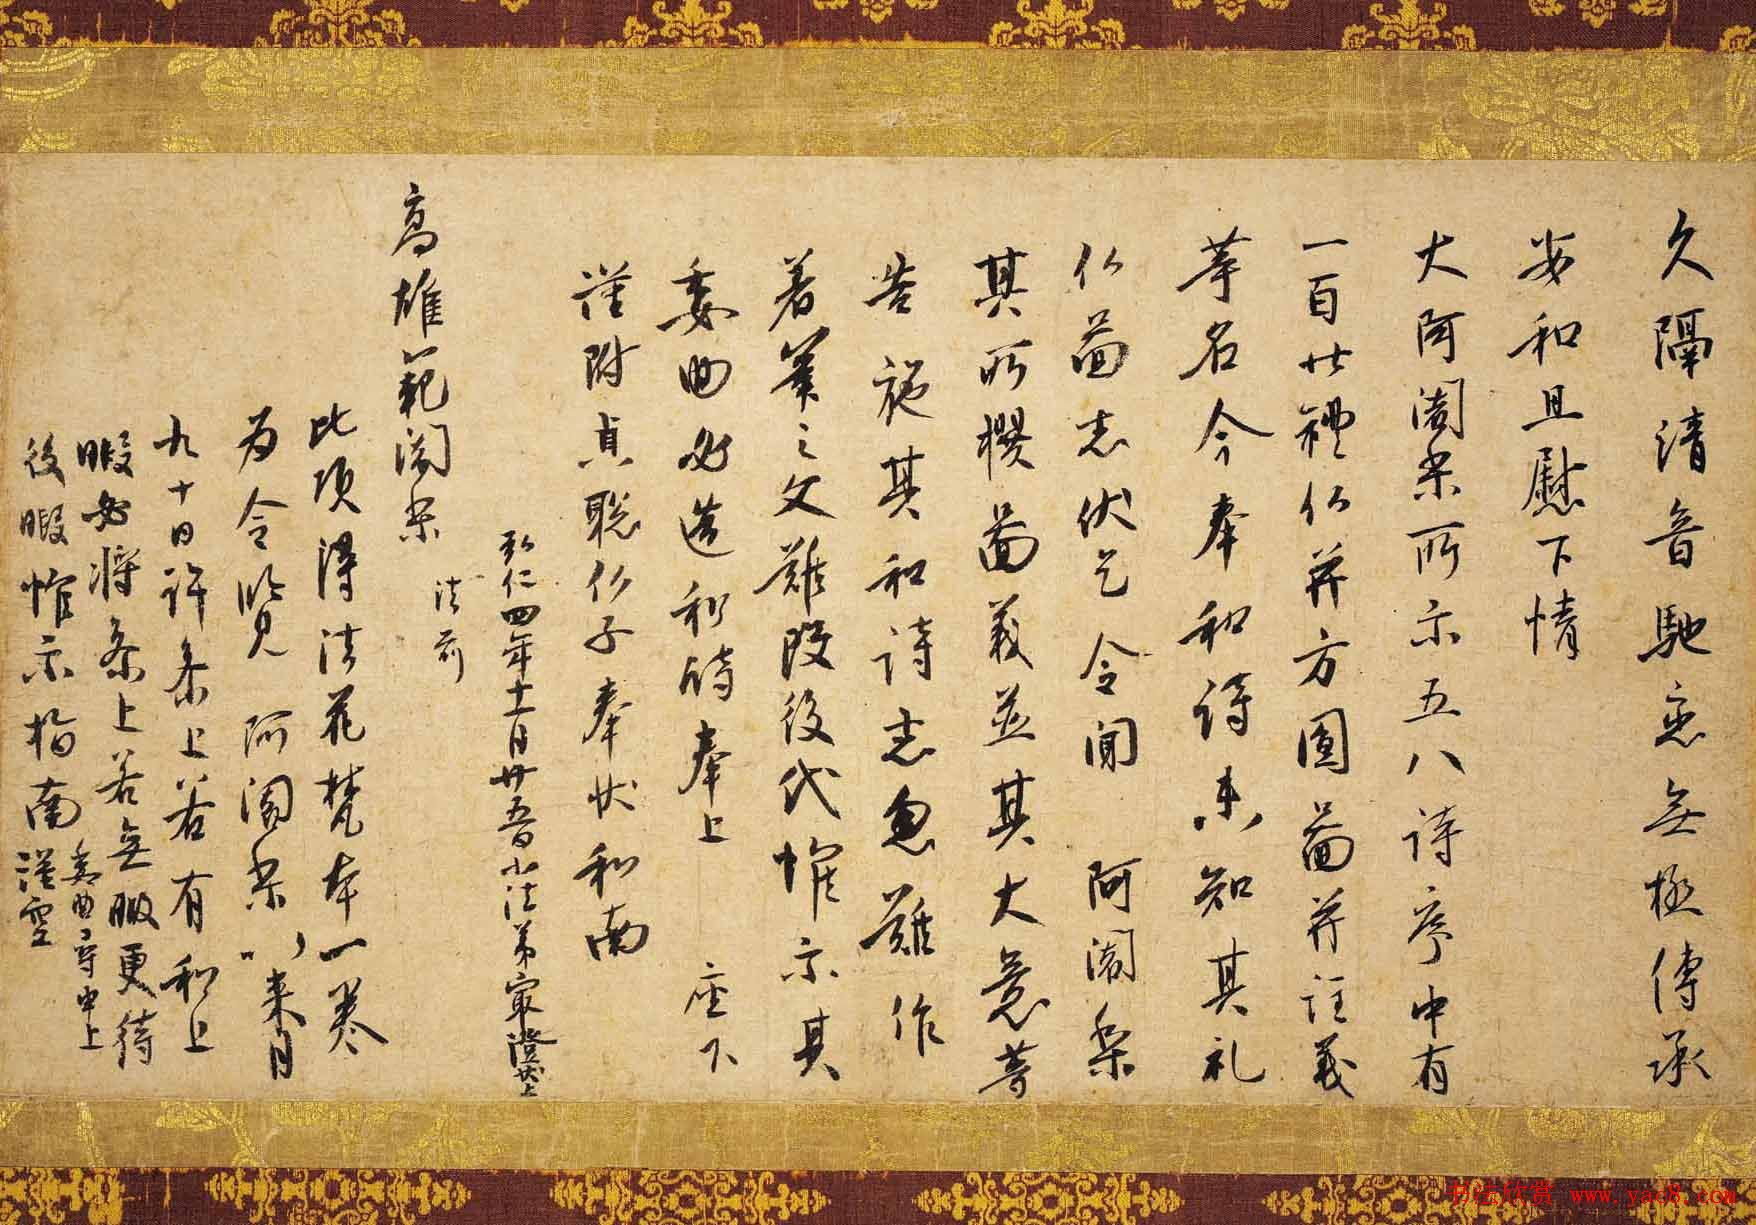 日本天台宗传教大师最澄信札《久隔帖》